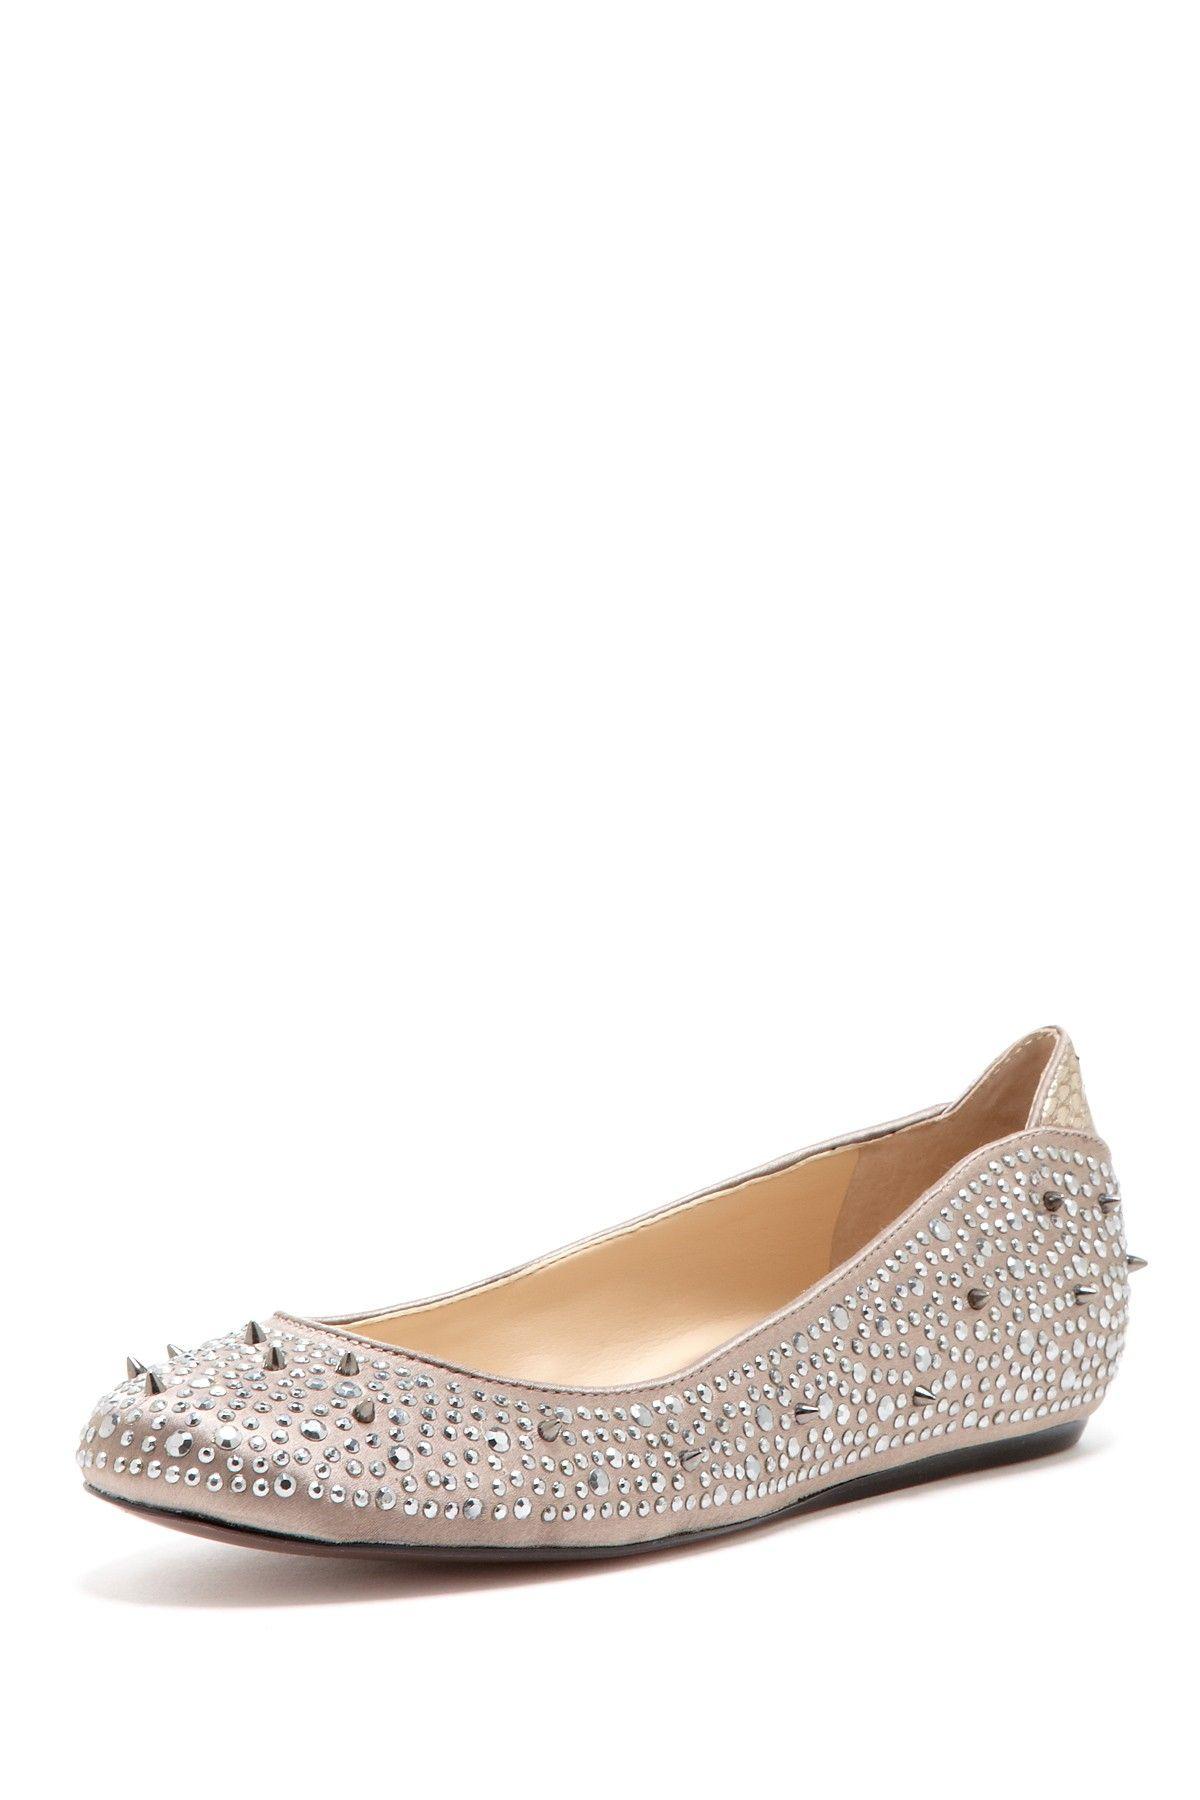 b19da6e1f9  casamento  sabrinas  noiva Sapatos De Noiva